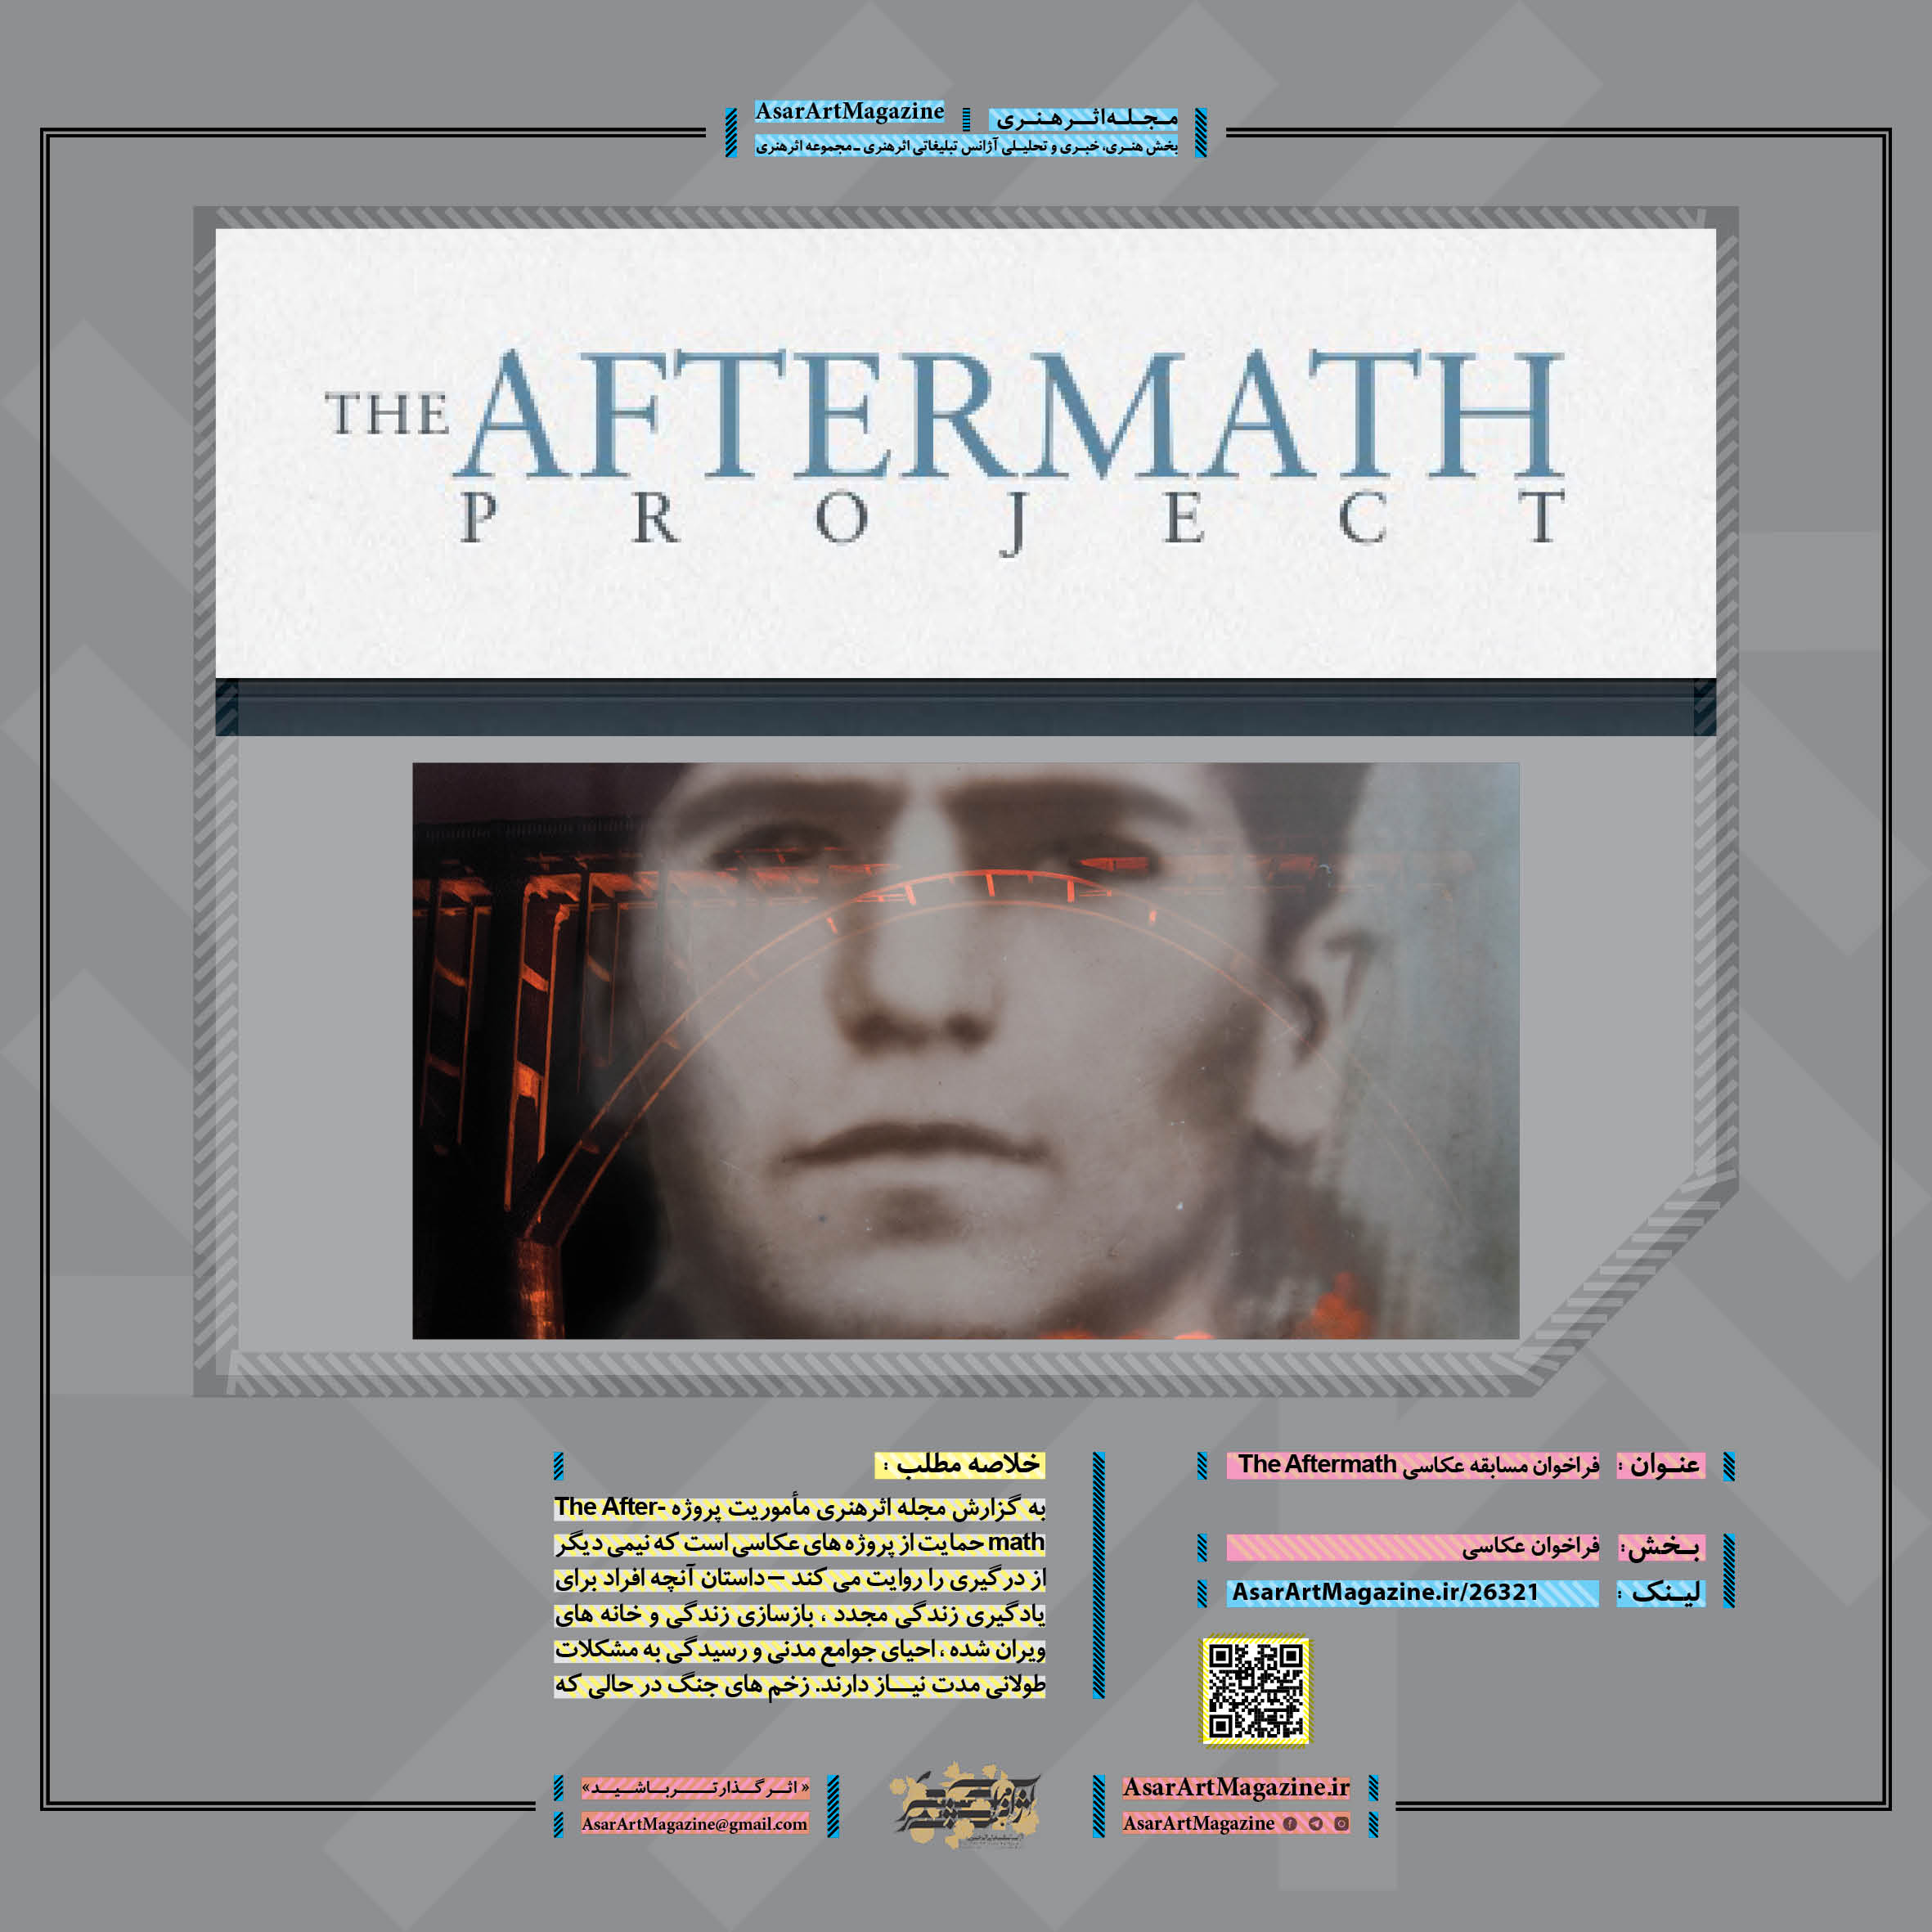 فراخوان مسابقه عکاسی The Aftermath  |  مجله اثرهنری، بخش هنری، خبری و تحلیلی مجموعه اثرهنری | مجله اثر هنری ـ «اثرگذارتر باشید»